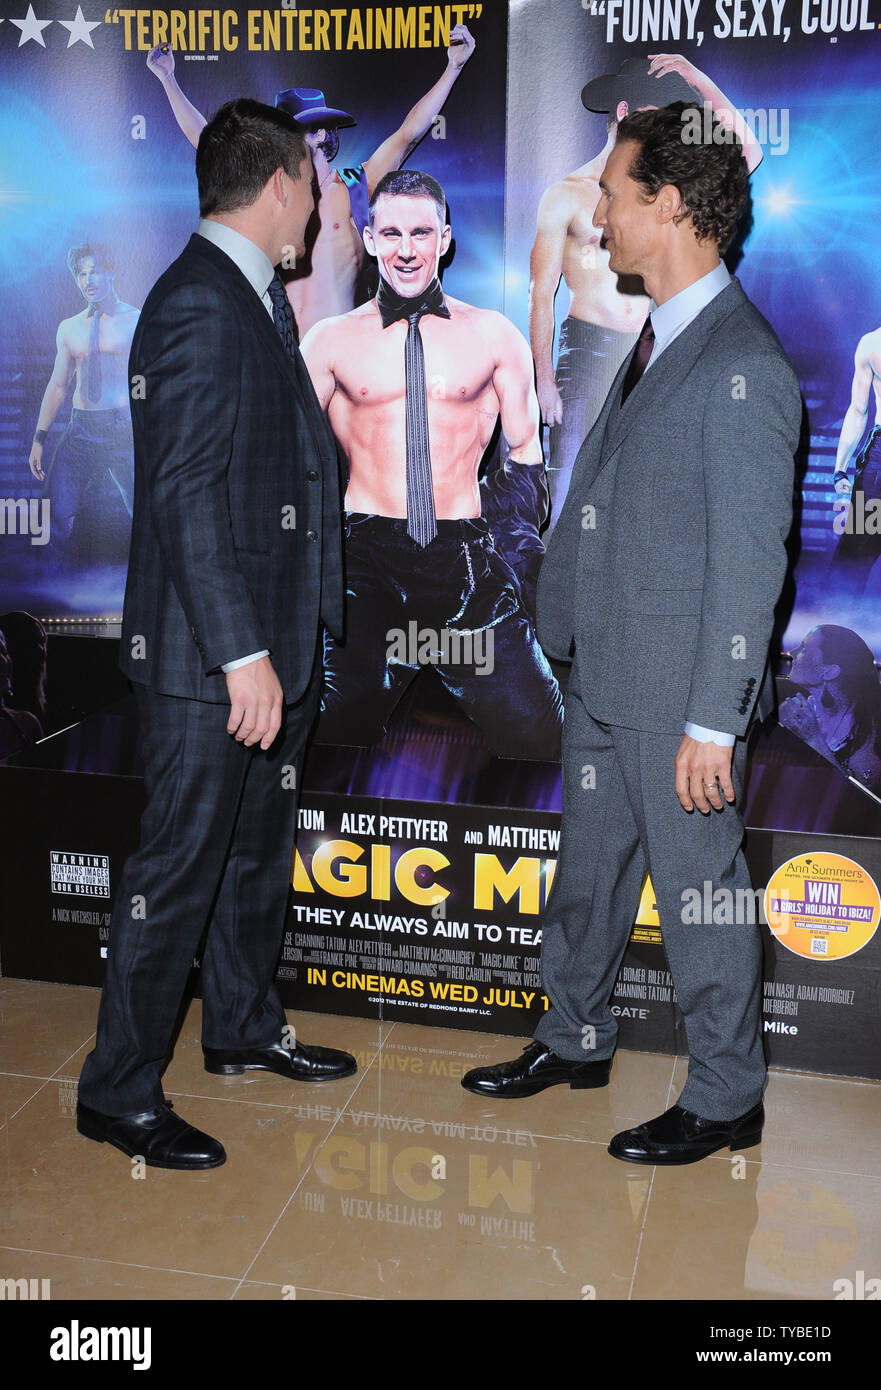 Amerikanische Schauspieler Channing Tatum und Matthew McConaughey teilnehmen Die Europäische Premiere von 'Magic Mike'im Mayfair Hotel in London am 10. Juli 2012. UPI/Paul Treadway Stockbild